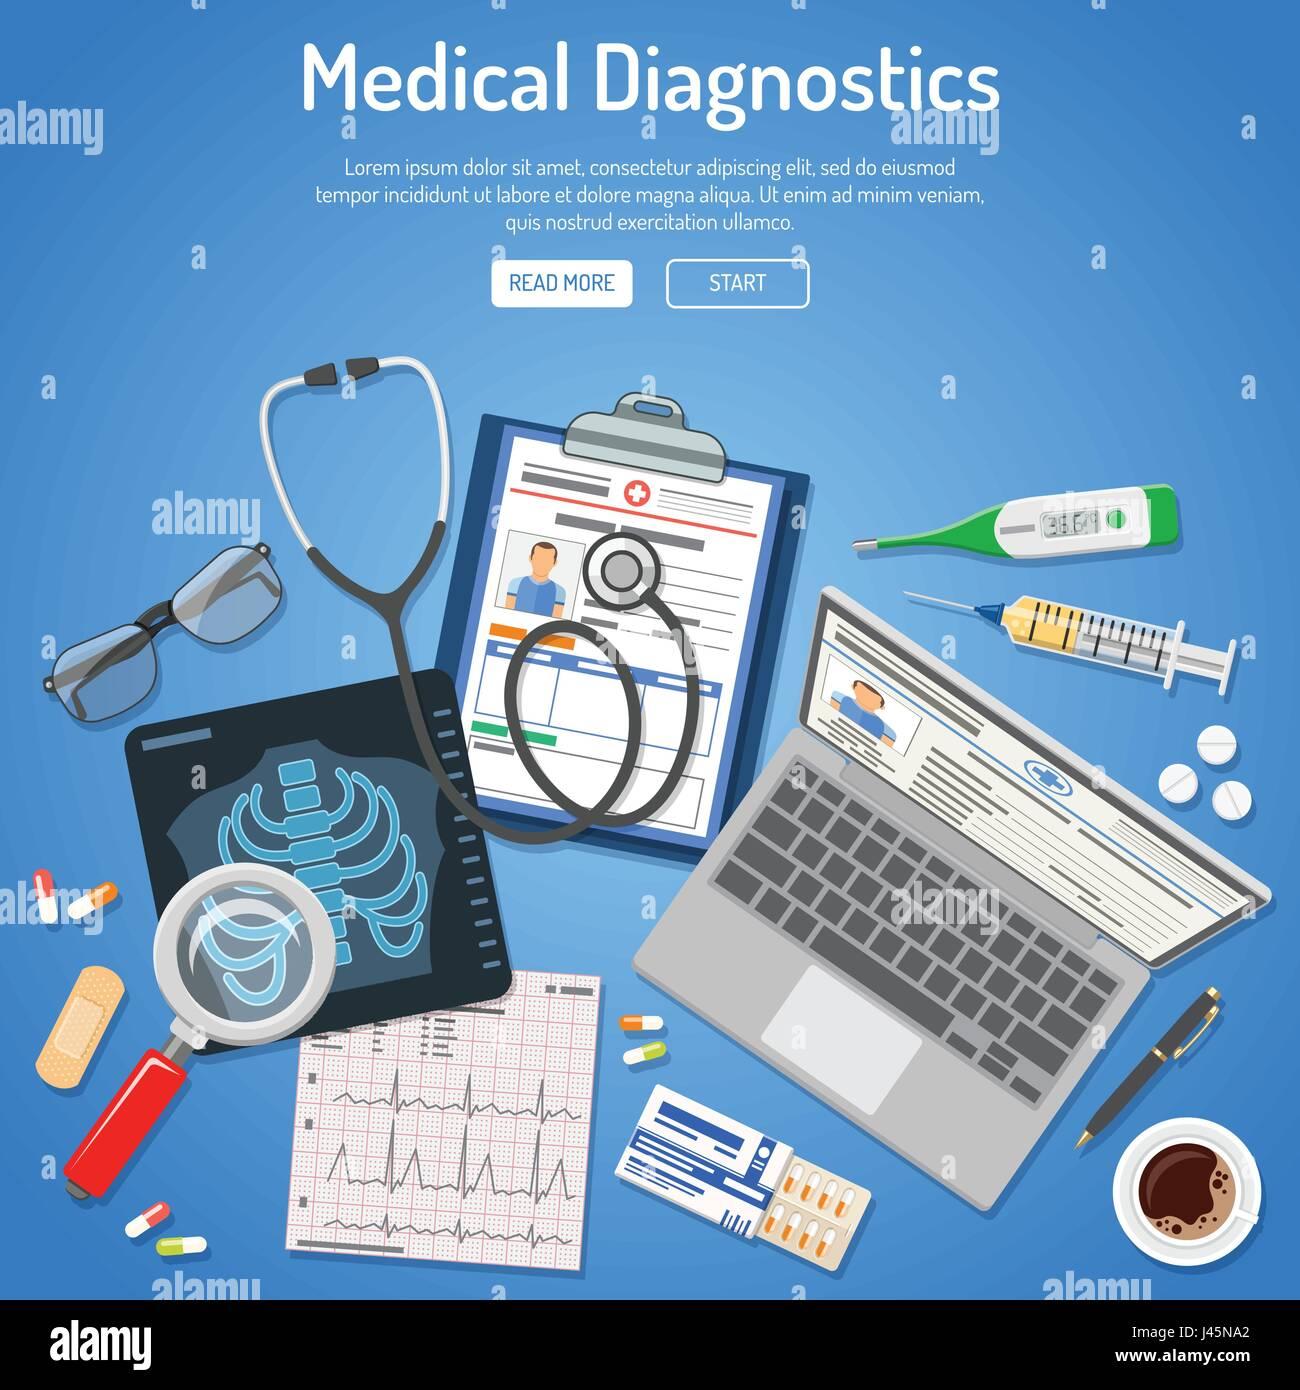 Medical diagnostics concept - Stock Image